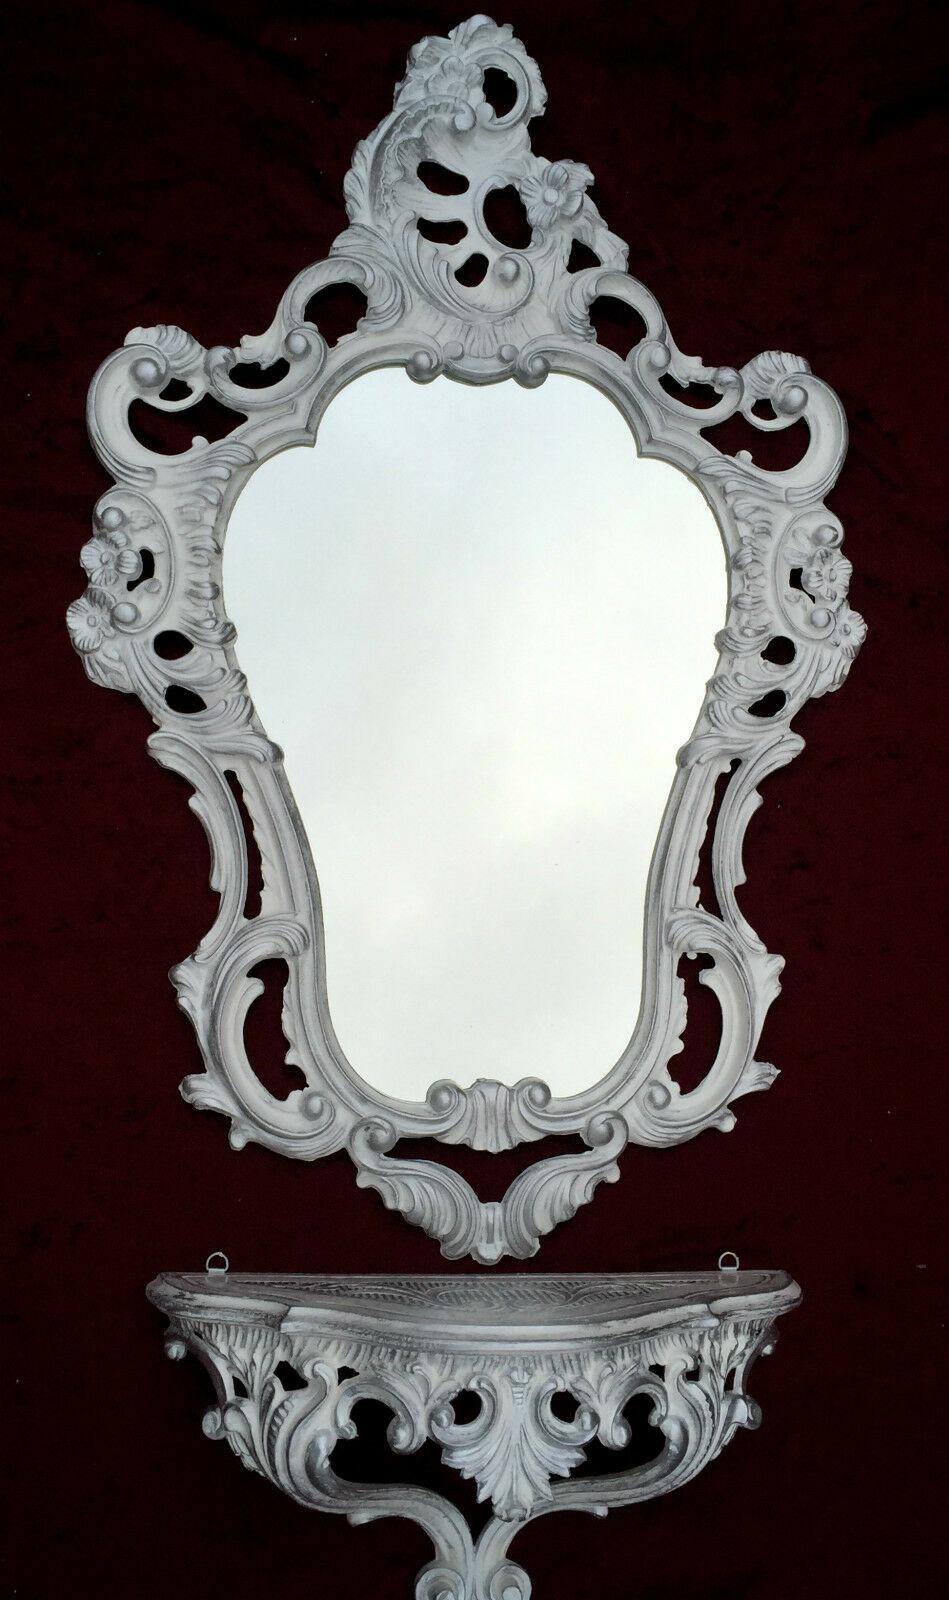 Badzubehör & -textilien Antik Wandspiegel Mit Wandkonsole Spiegel 50x76 Antik Barock Spiegelablage Weiß Kleinmöbel & Raumaccessoires